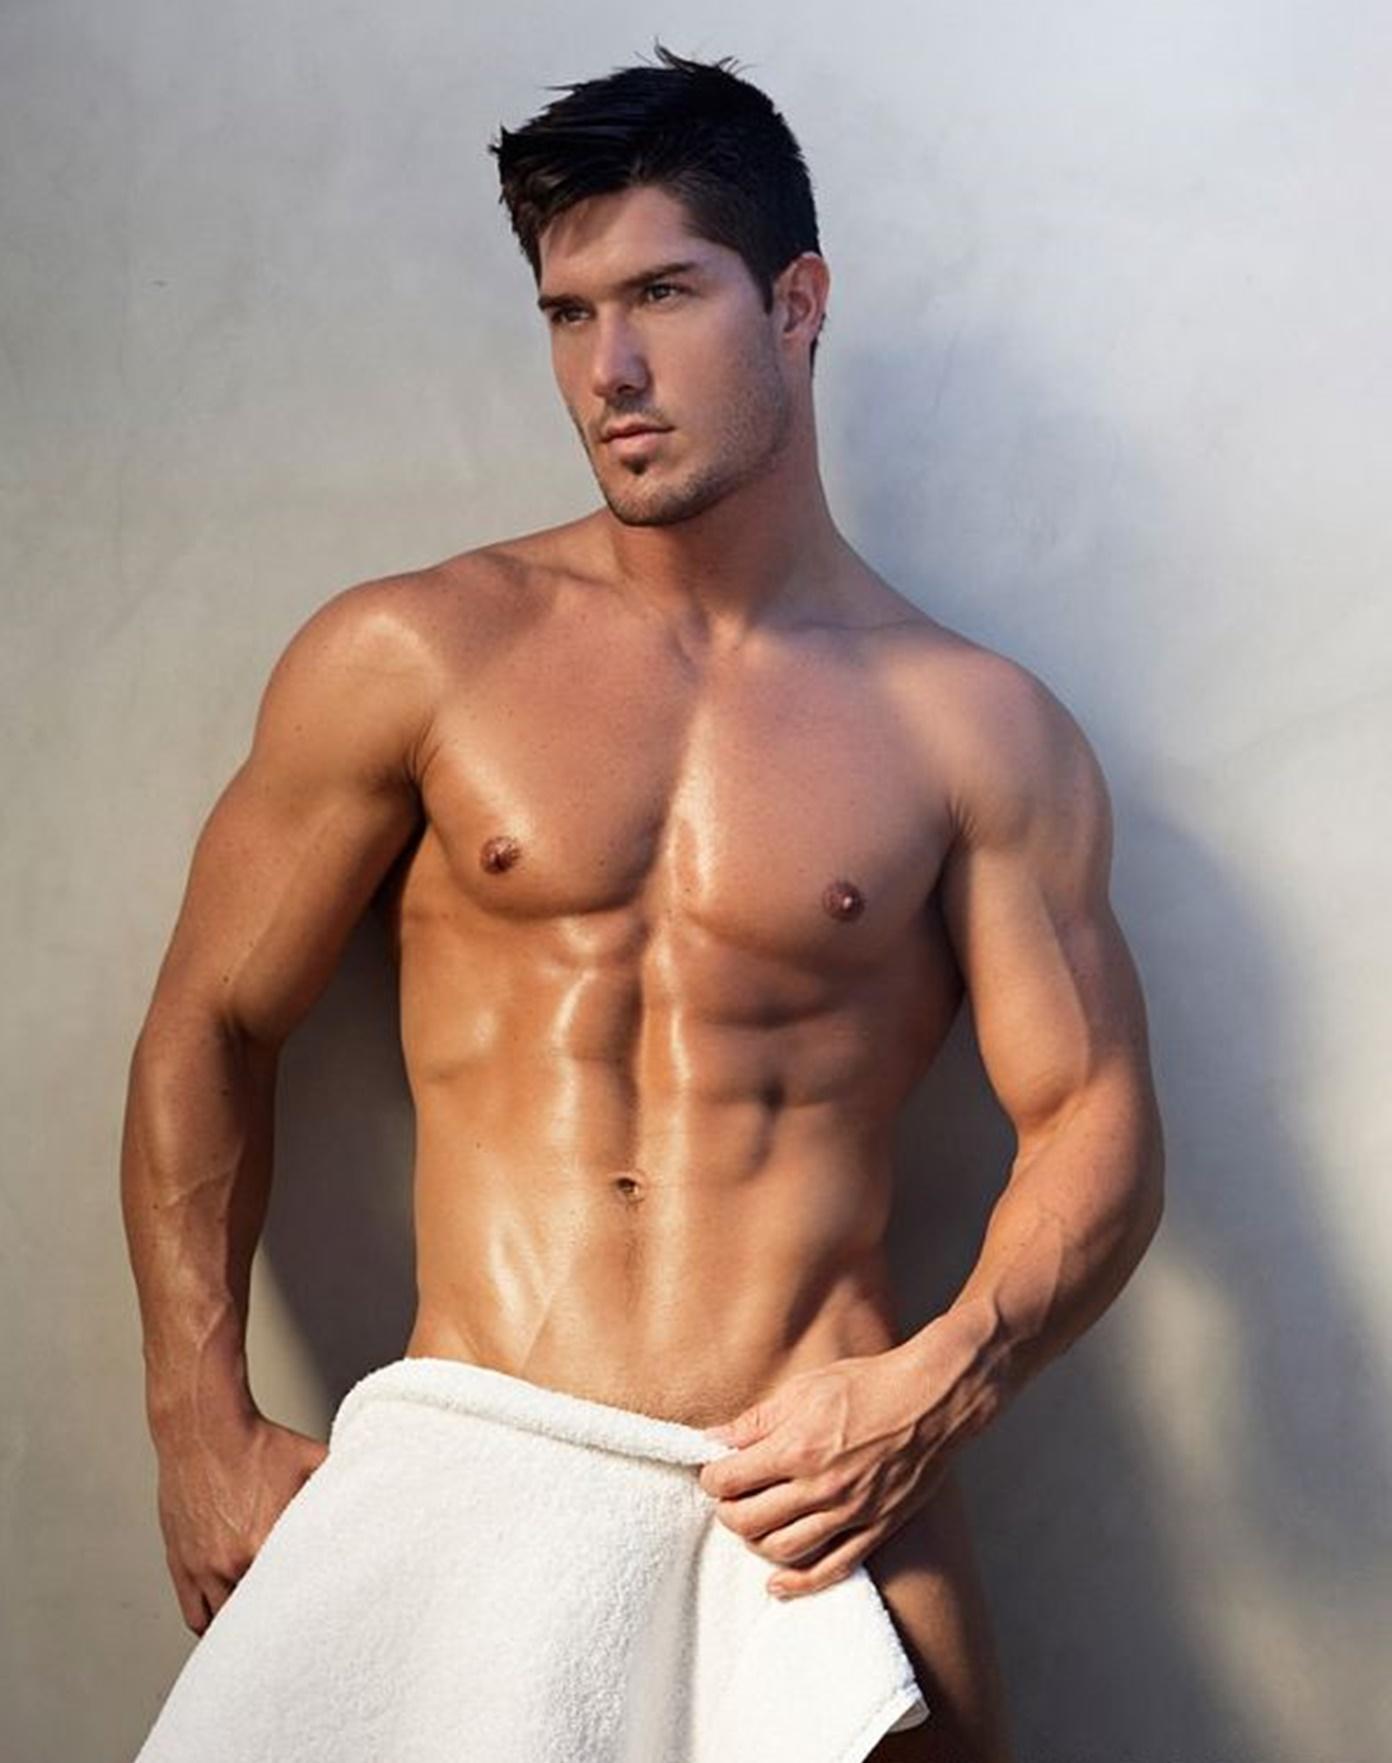 the-hot-men-nude-vampier-women-porn